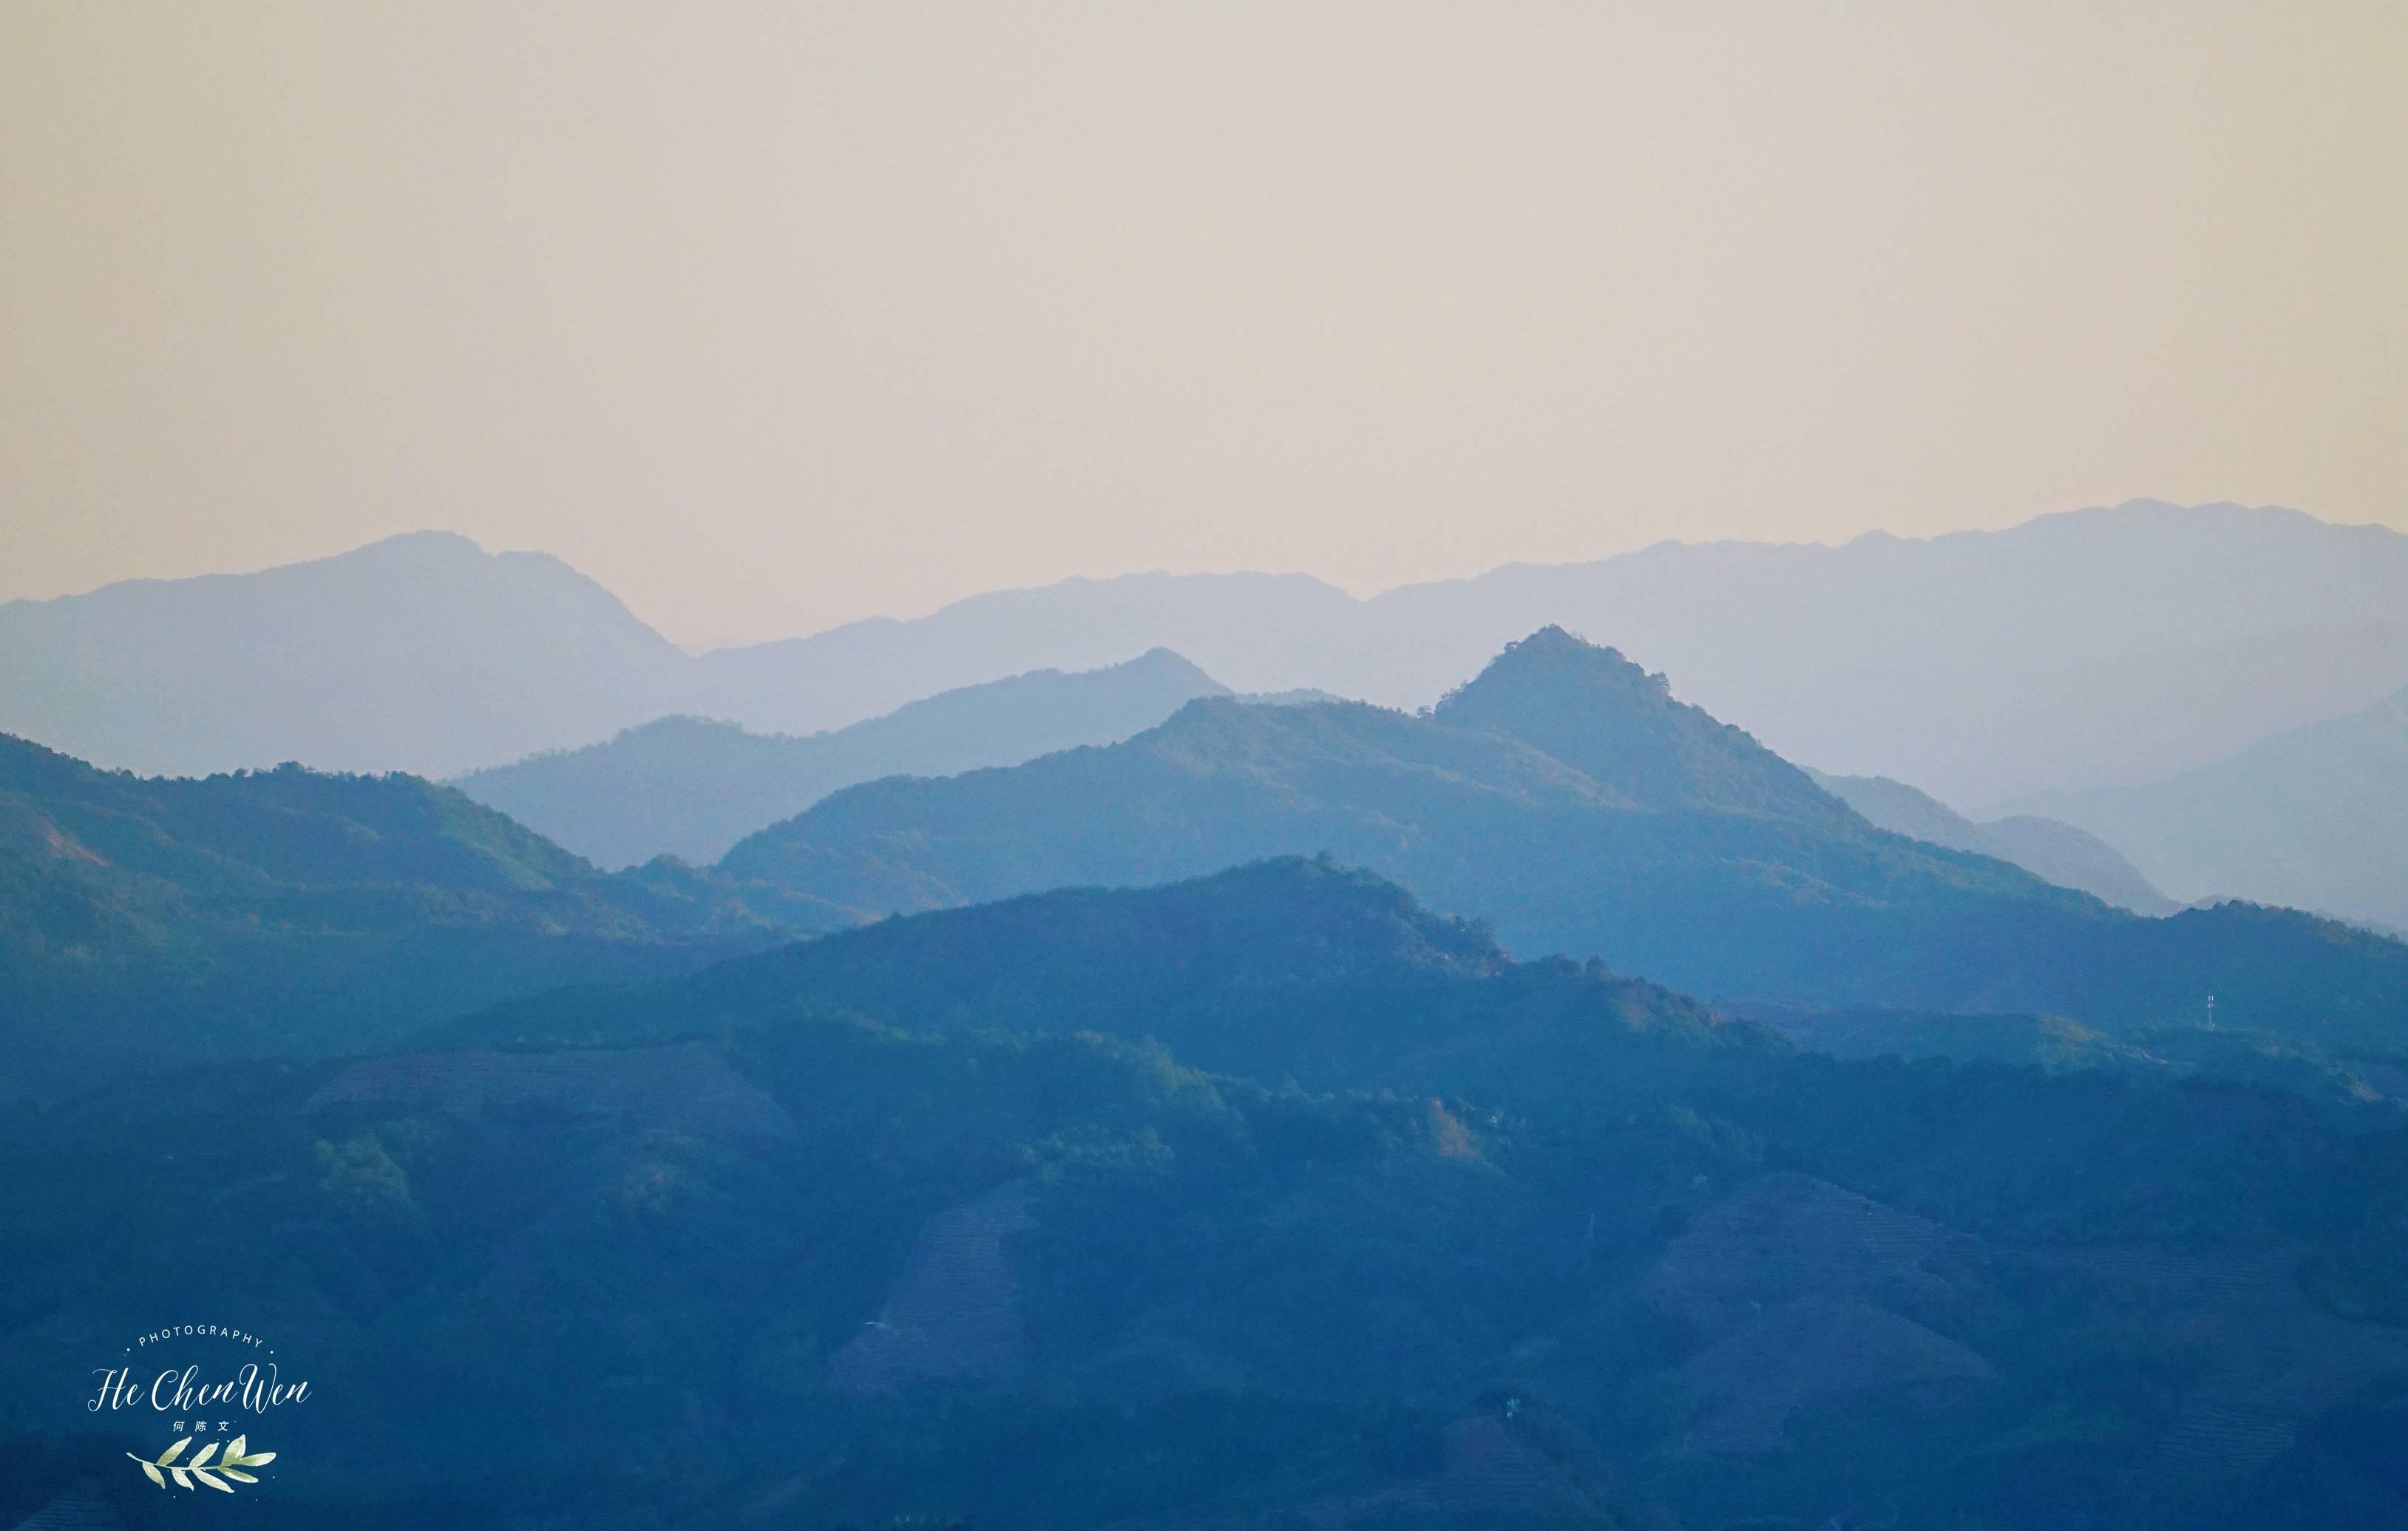 原创             福建生态小镇,山连着山,水连着水,藏着一片世外桃源的茶山